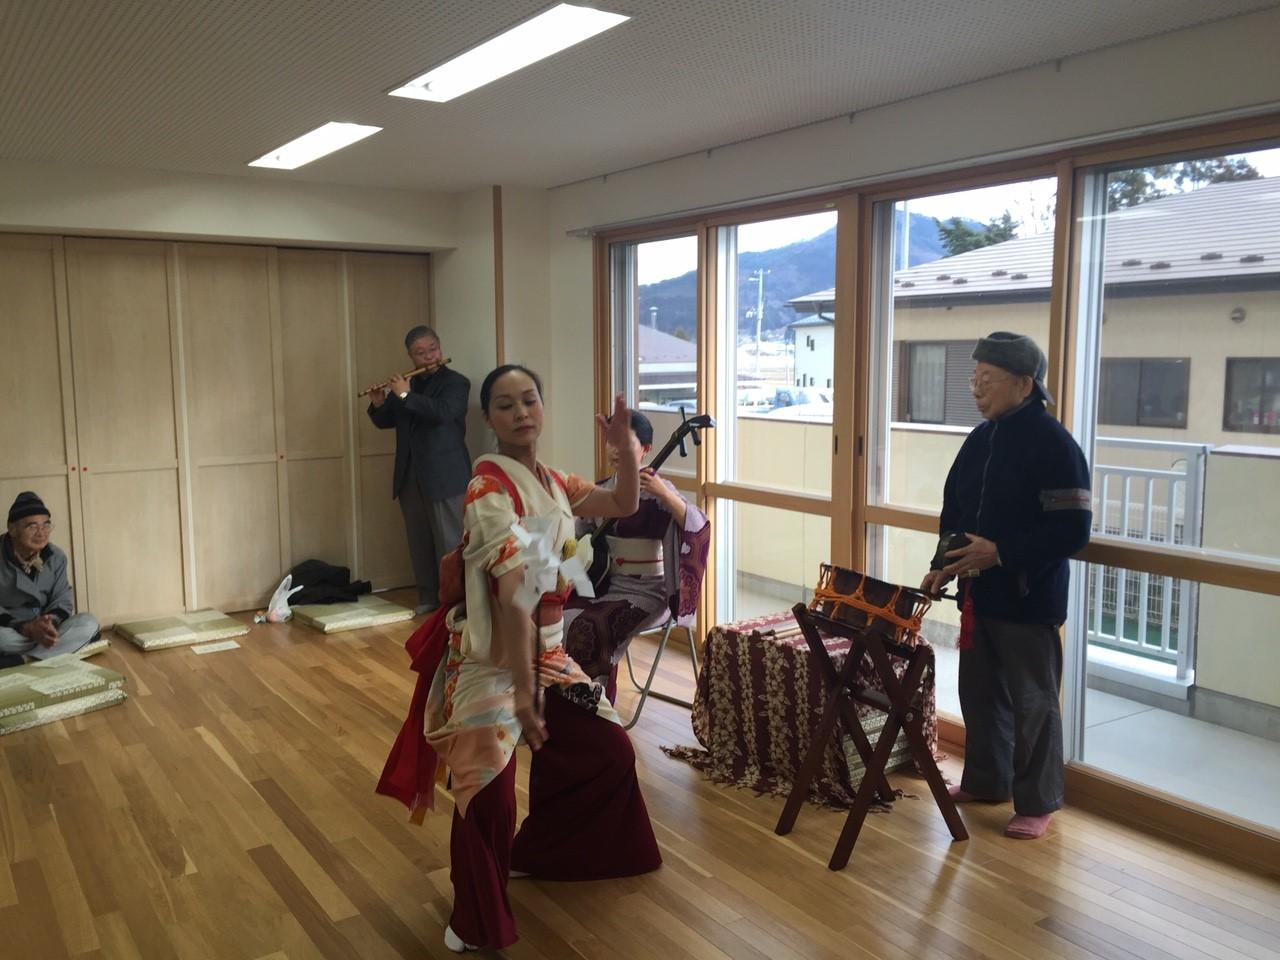 2016/1/11 陸前高田にて。客席から鉦の名手登場。菊池さんの笛と一緒に、なんとも豪華な囃子陣での神楽舞アレンジ!